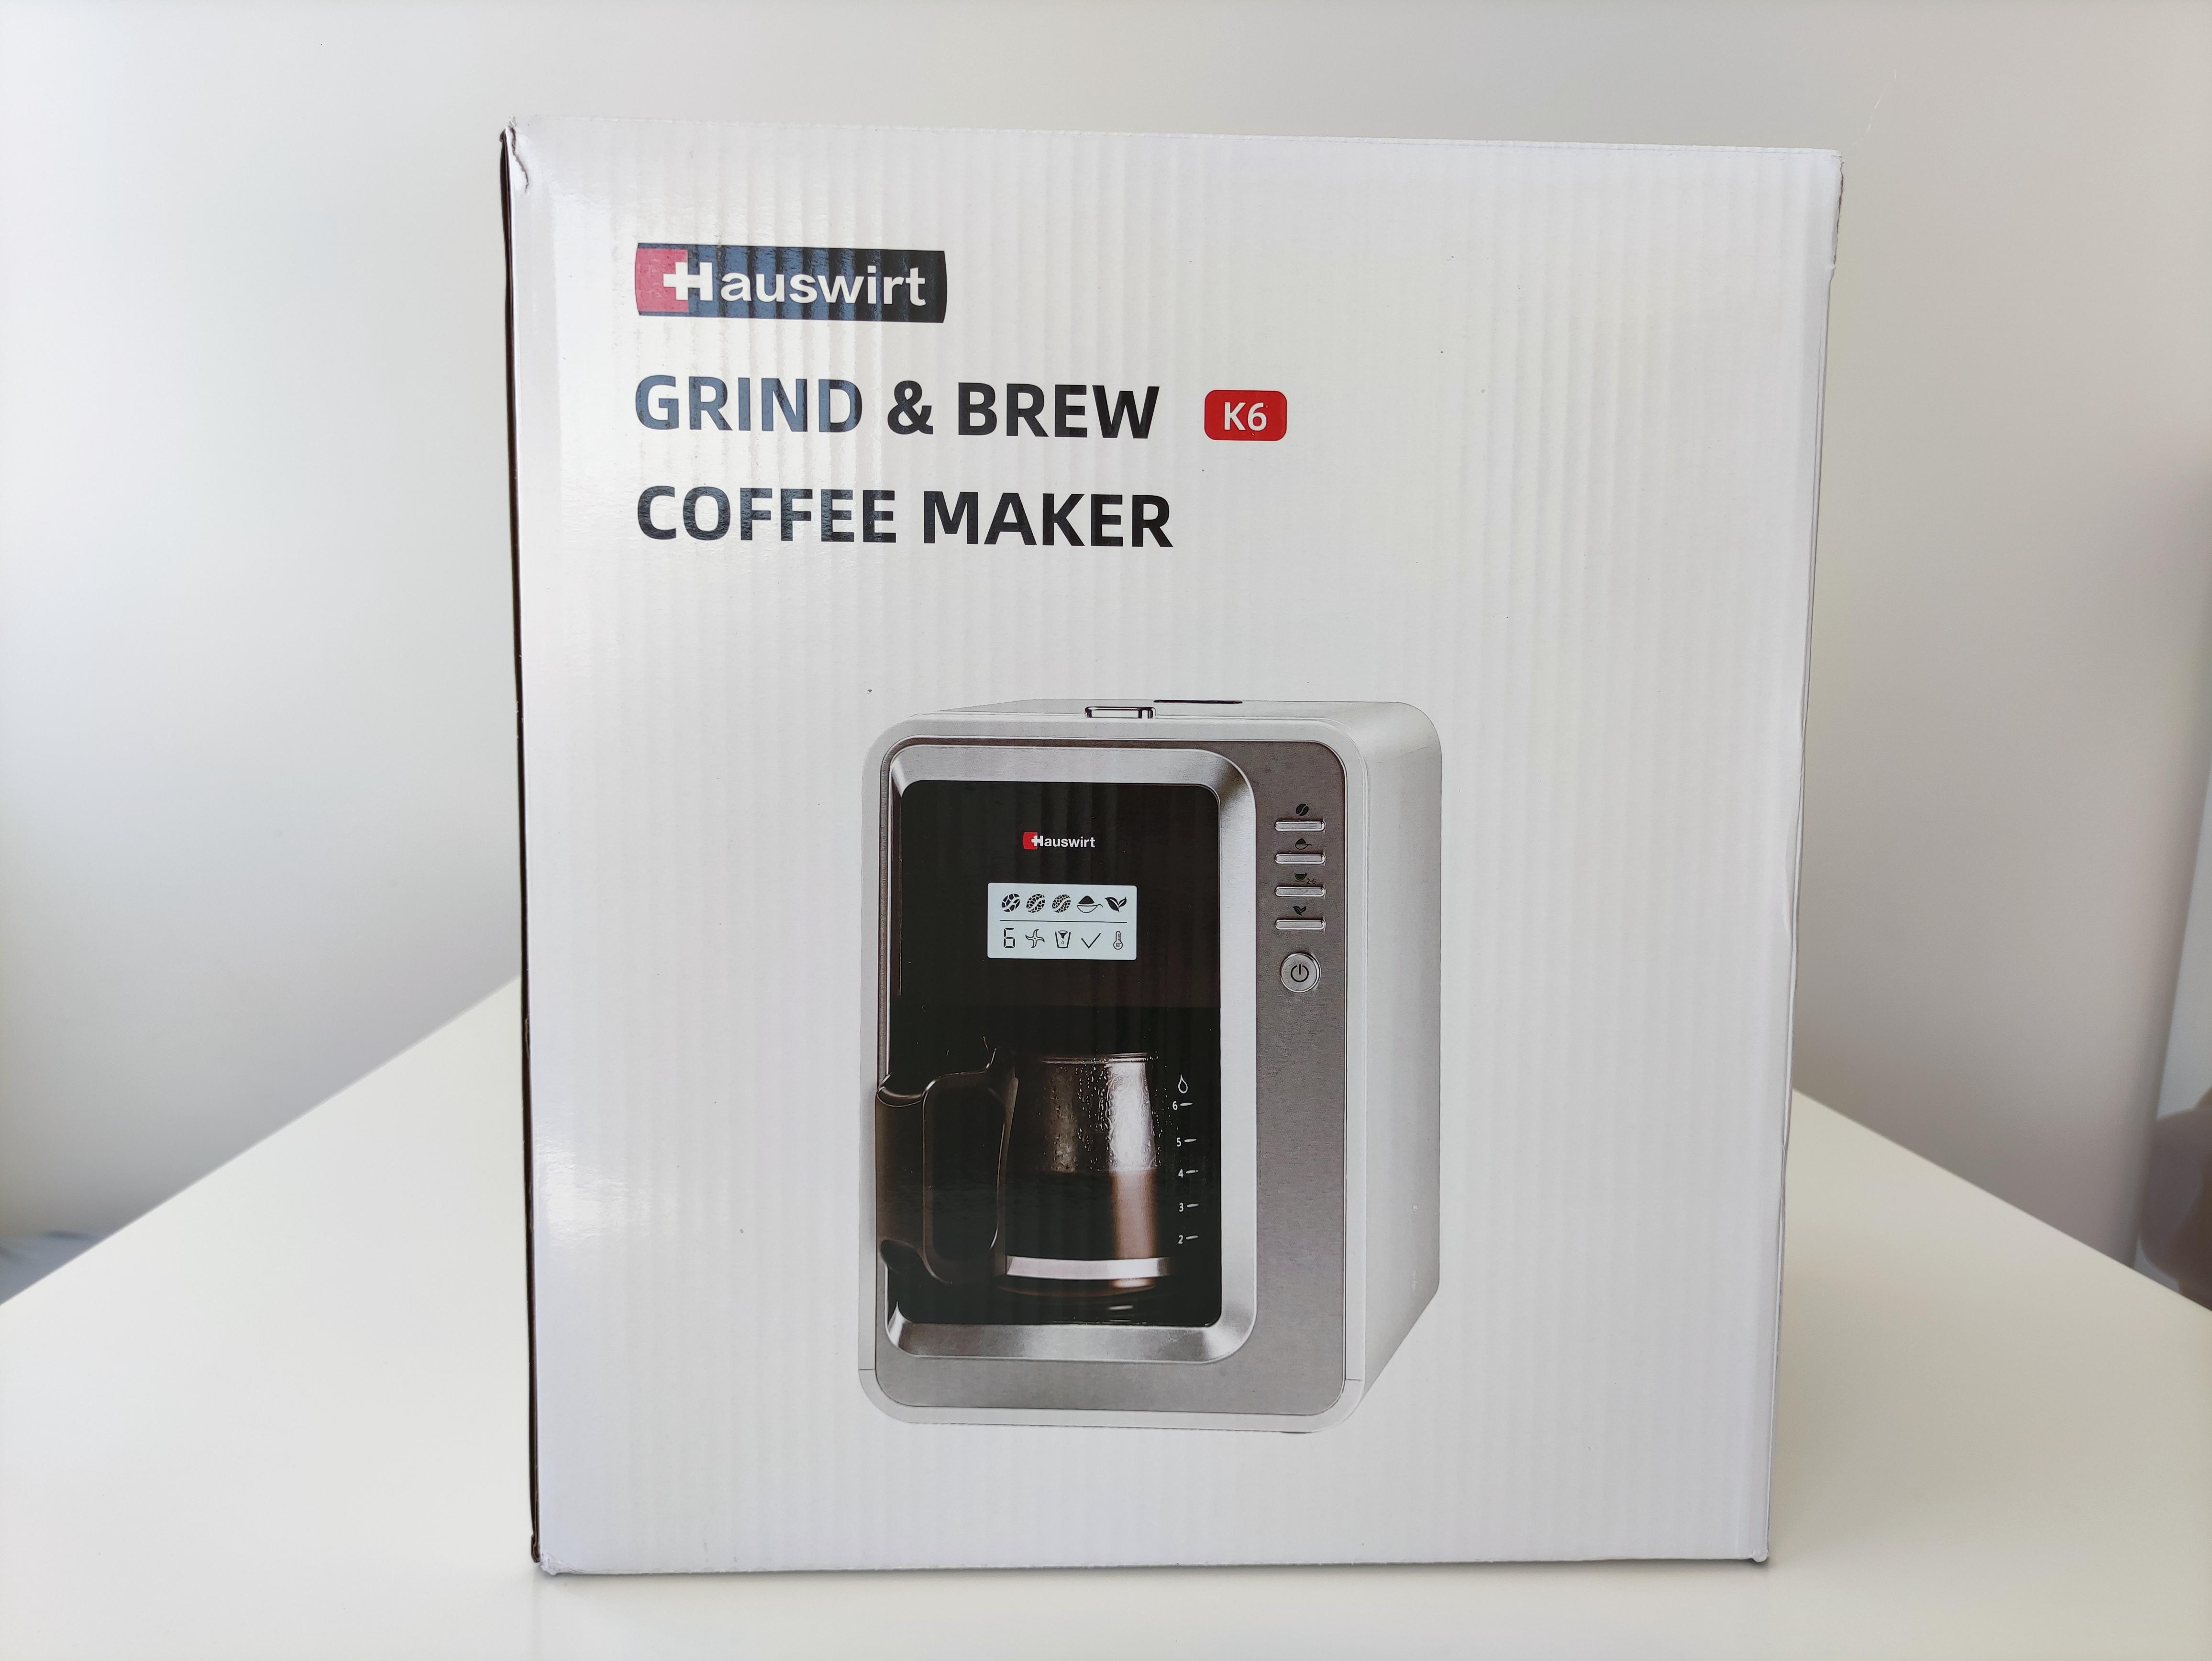 hauswirt coffee maker box